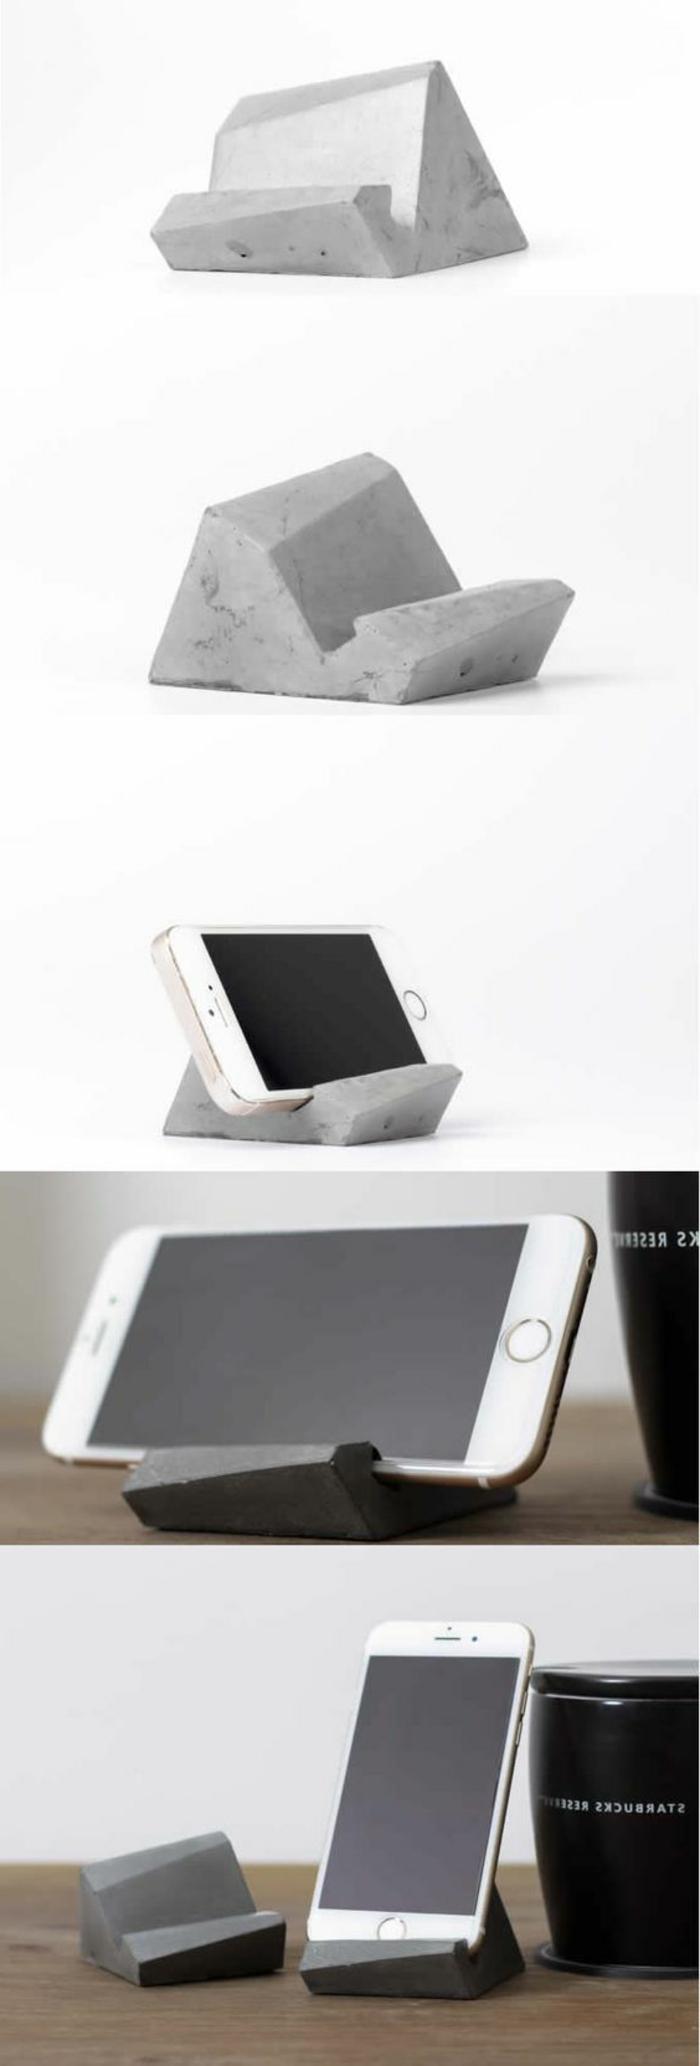 handy, selbstgemachter handygestell aus zement, basteln mit beton